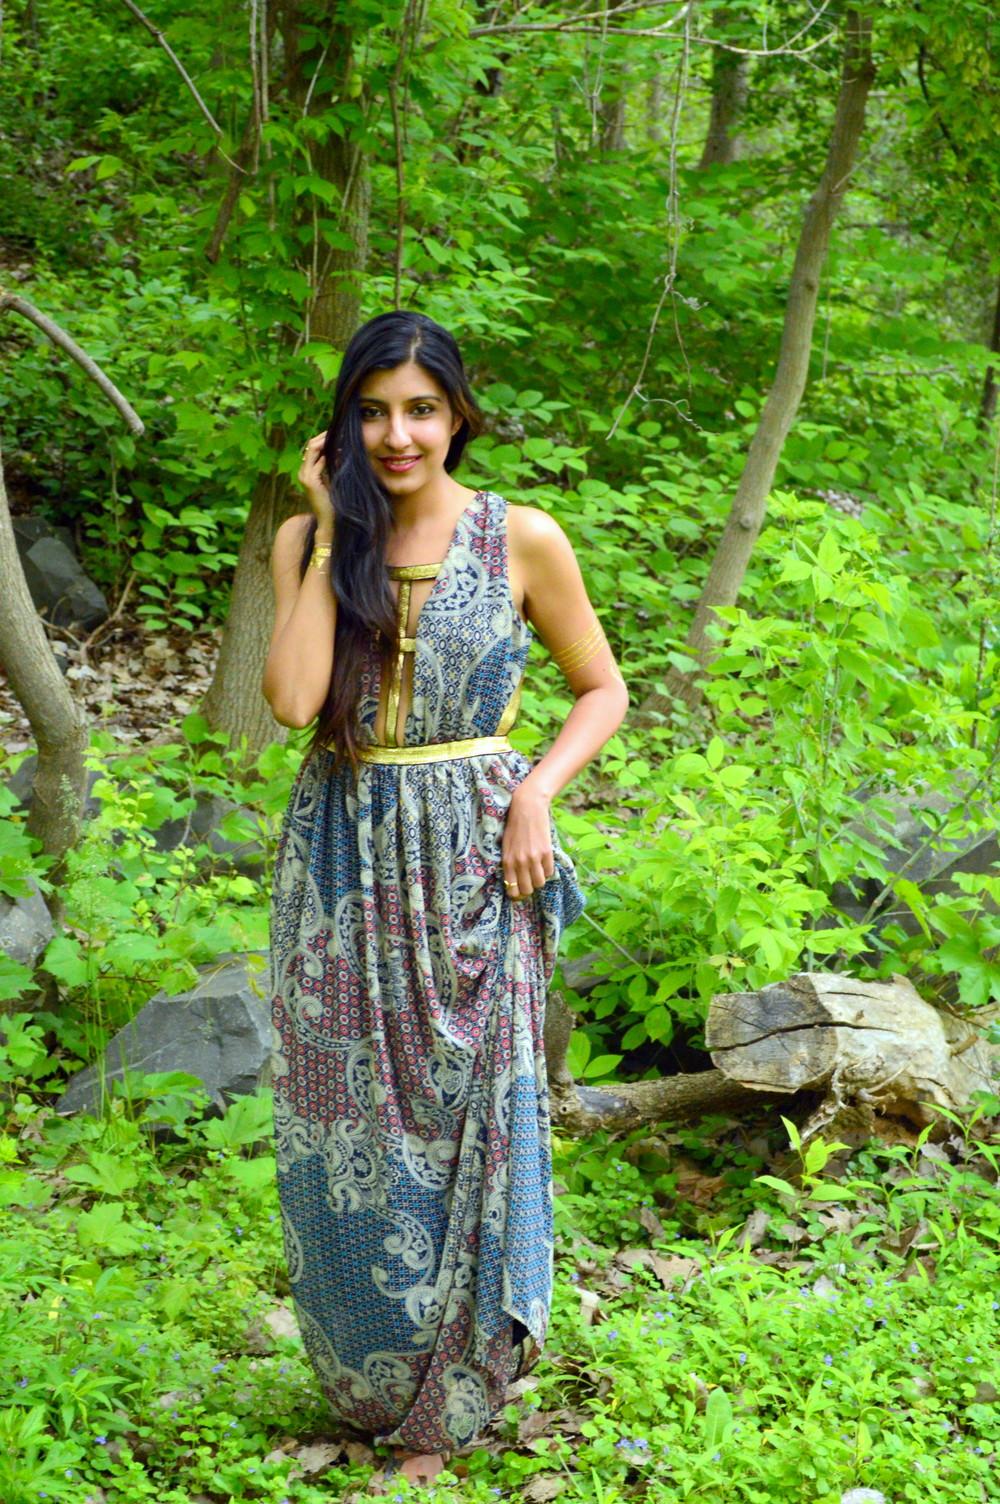 Jungle Princess 2